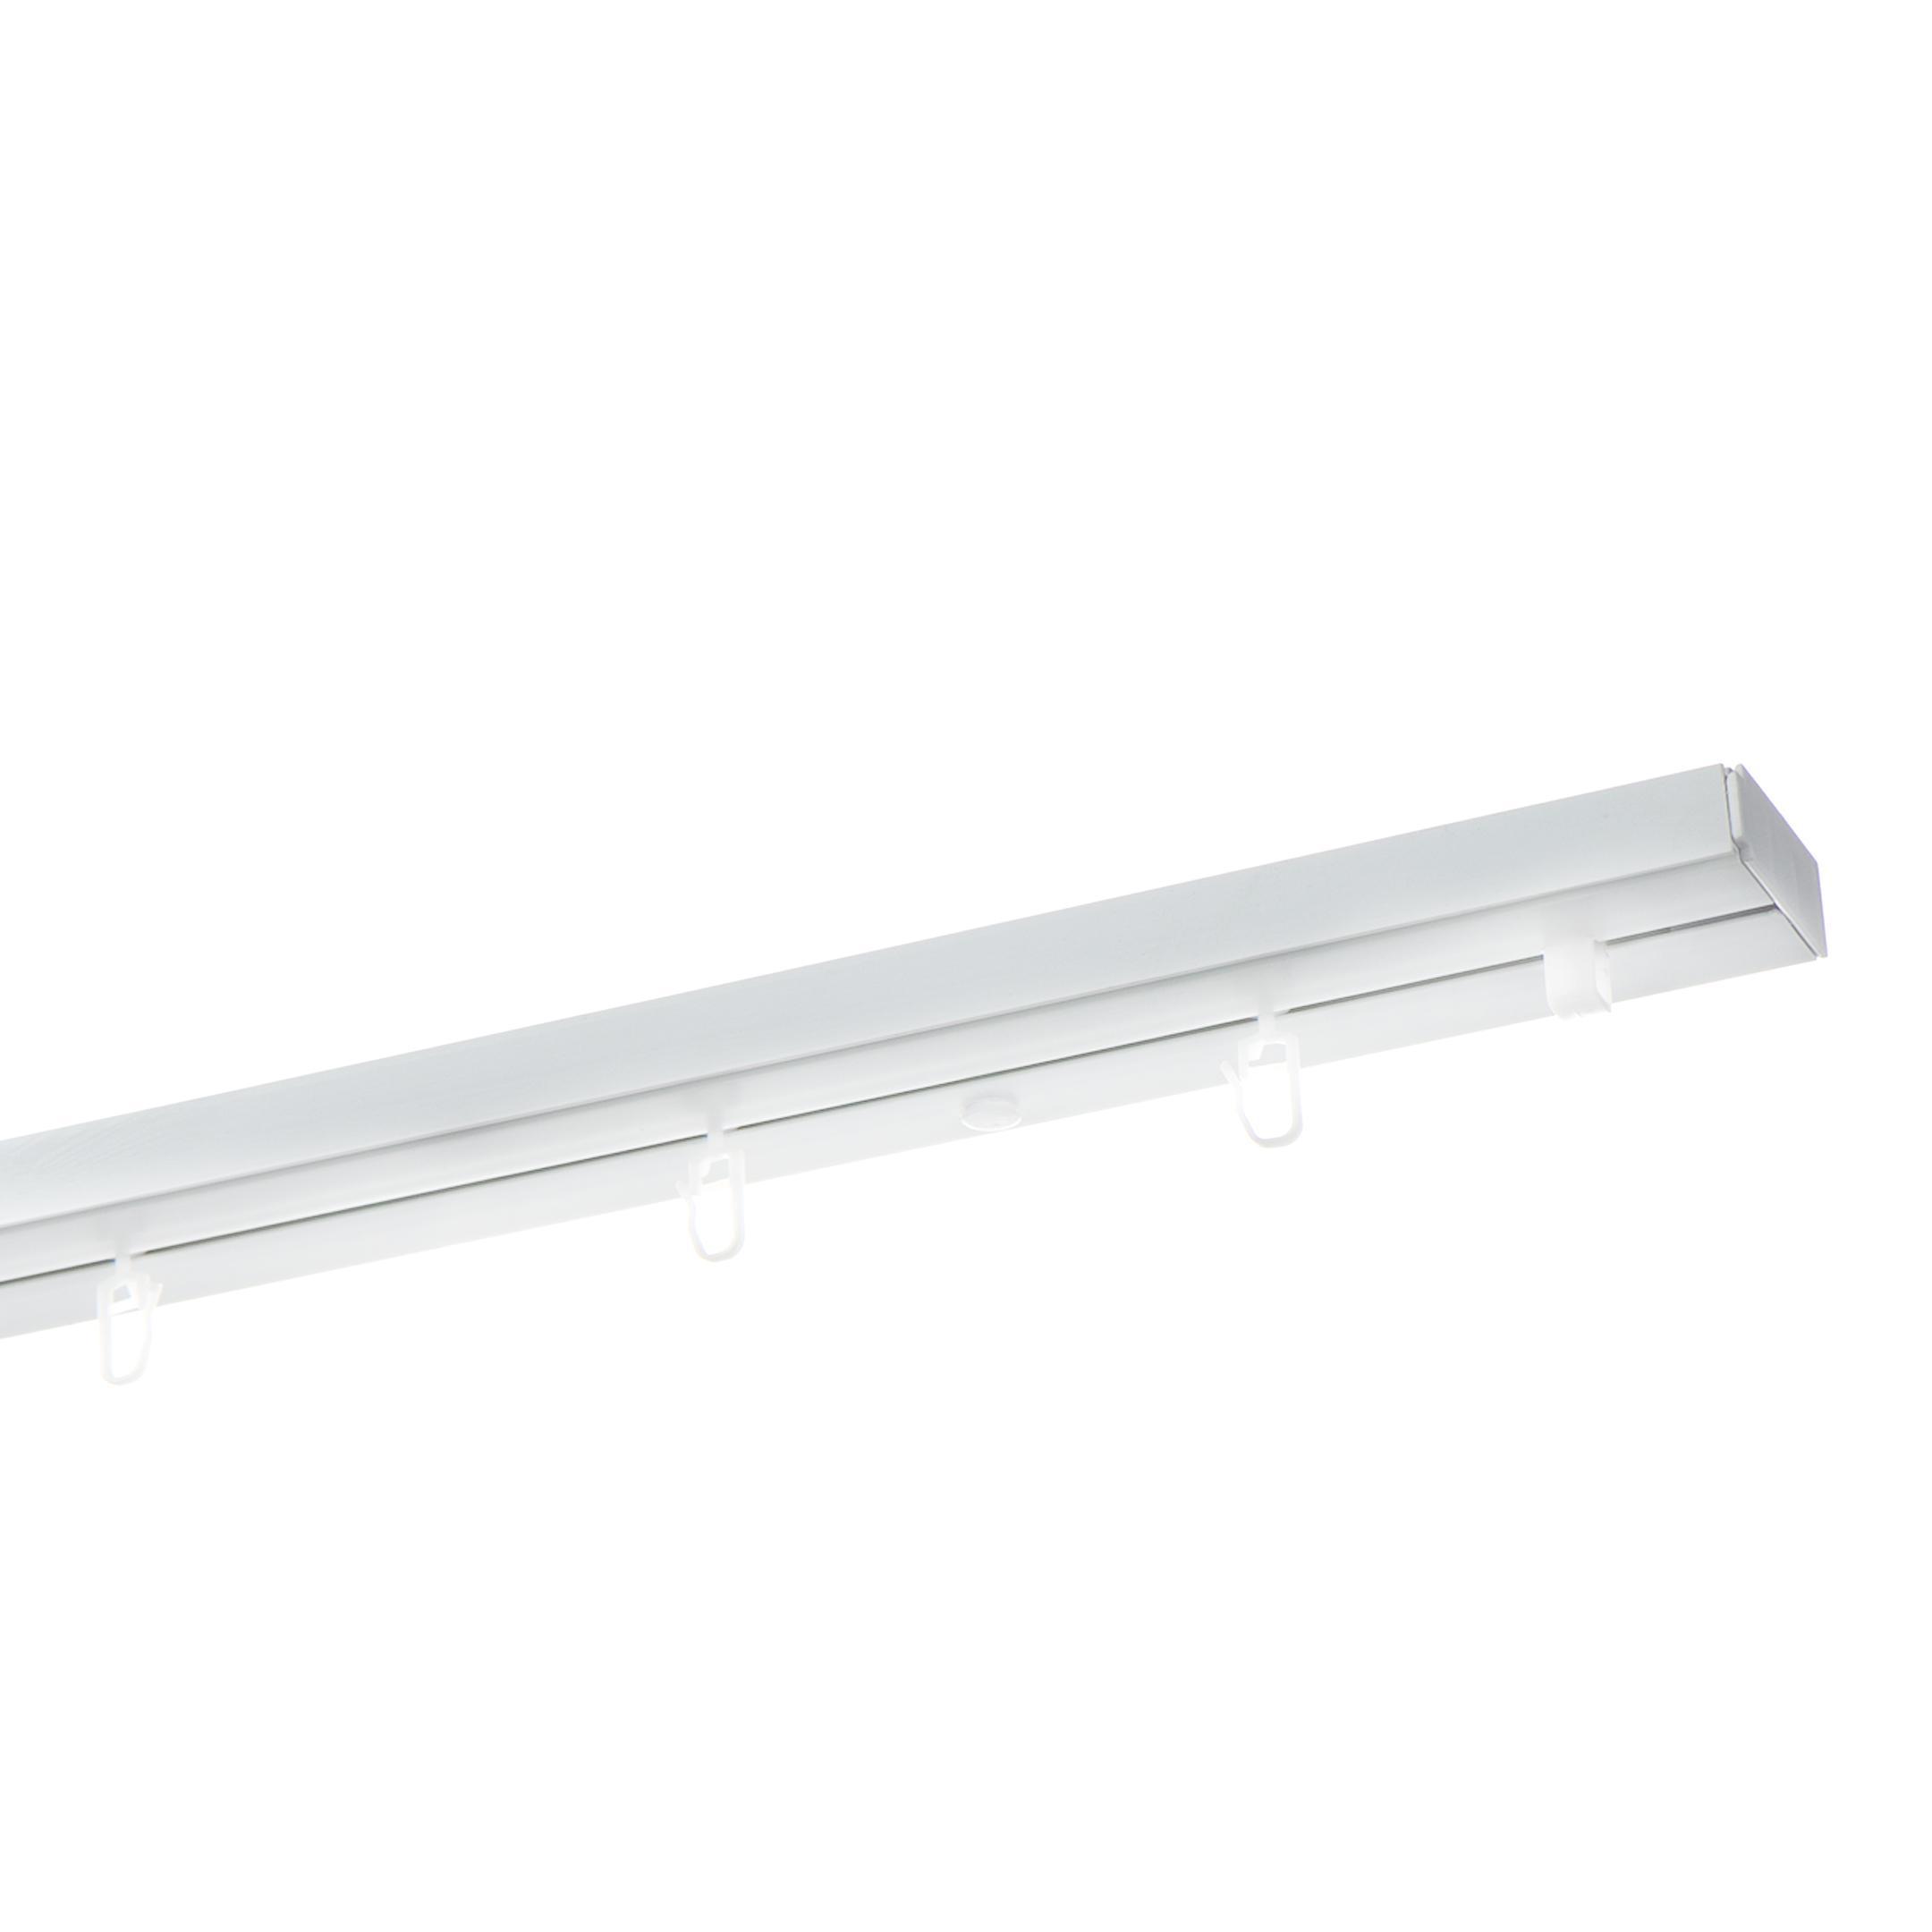 Карниз потолочный пластмассовый однорядный 200 см белый decolux карниз артик ветка однорядный потолочный никель матовый 201 см ø1 6 см 18 колец qxjsdda